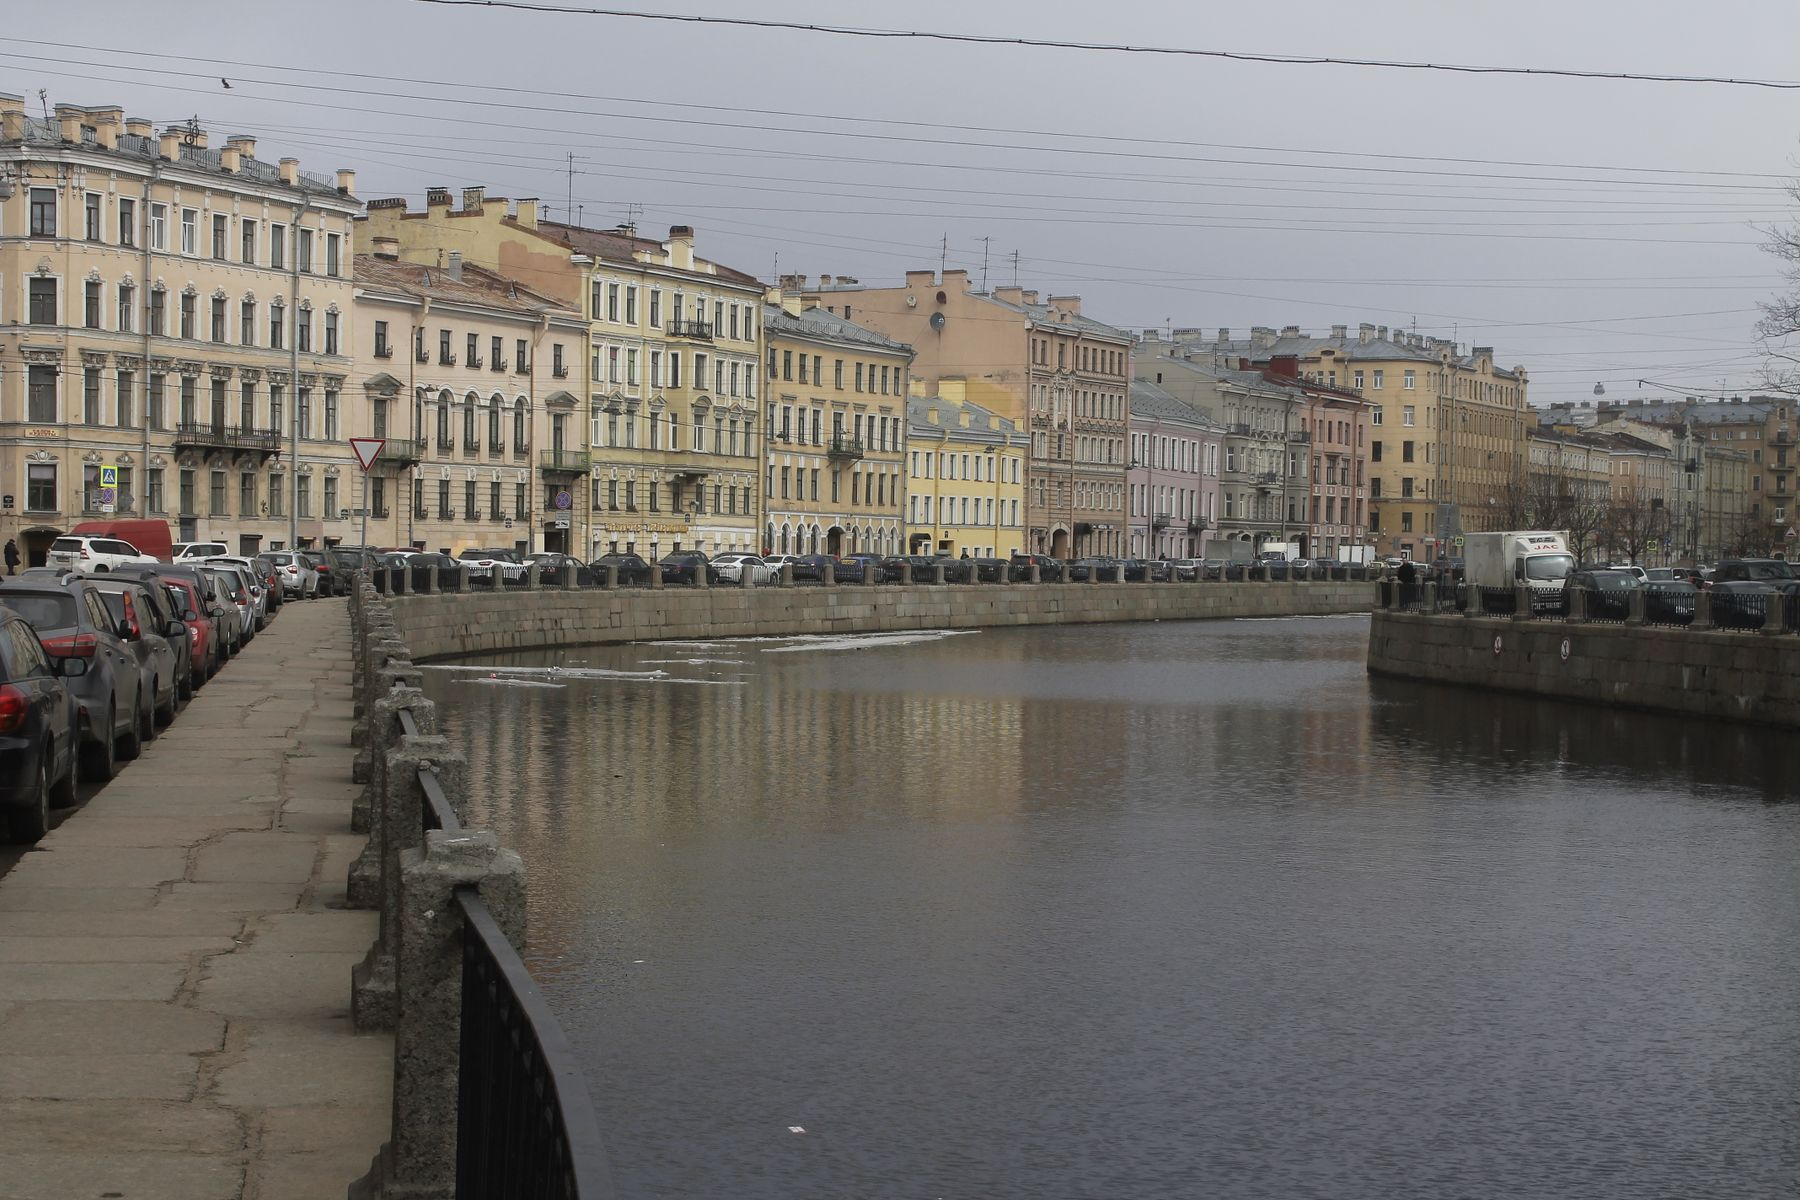 Канал Грибоедова (Санкт-Петербург) Санкт-Петербург